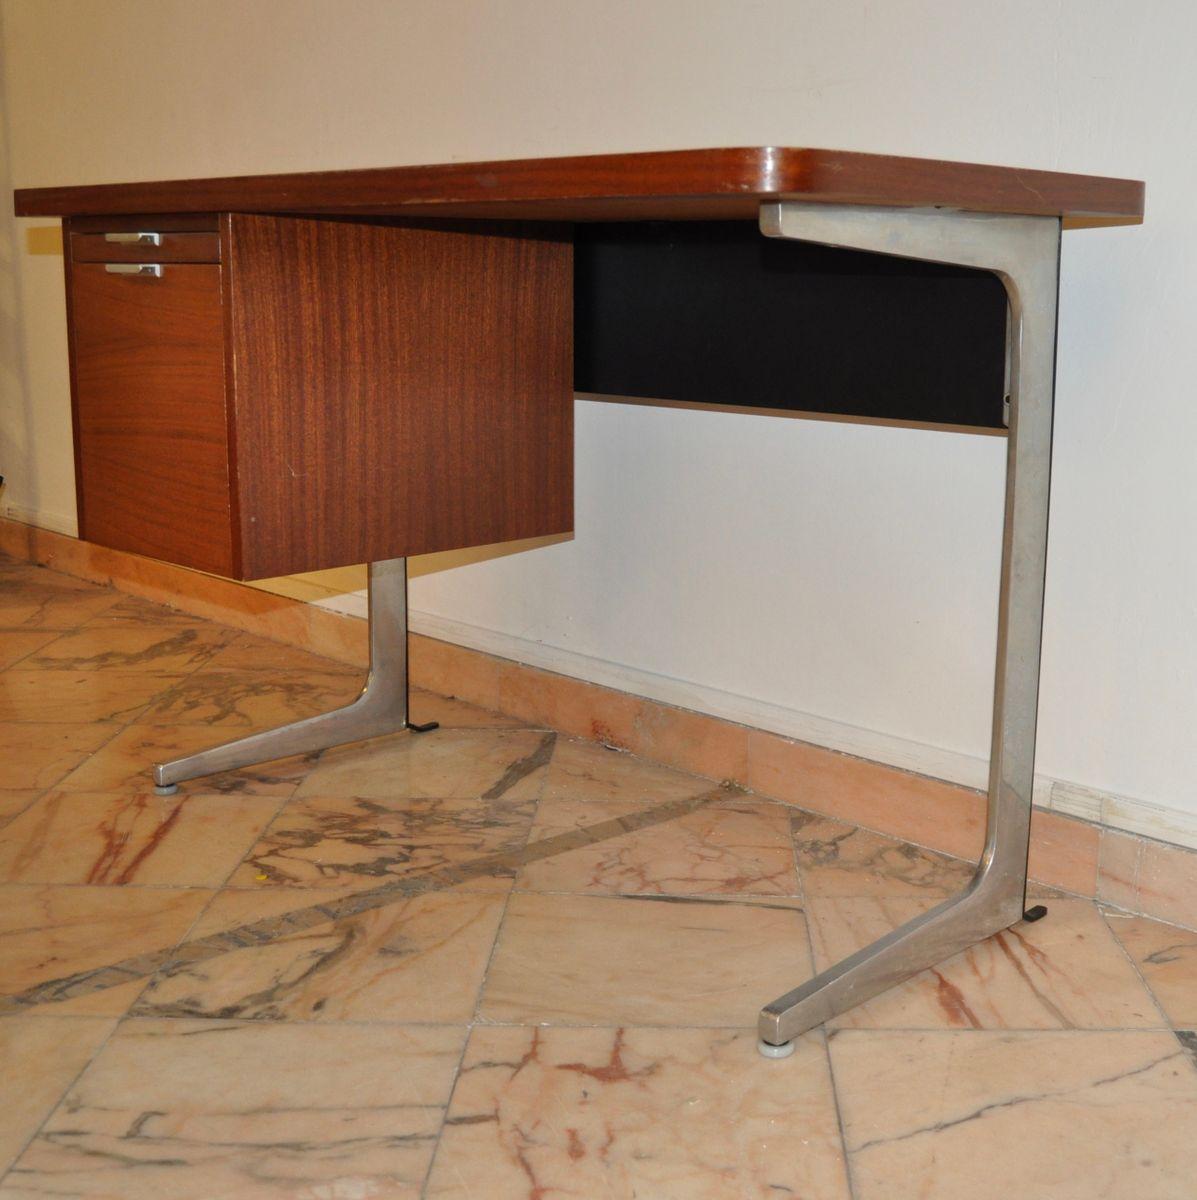 franz sischer mid century schreibtisch von george nelson bei pamono kaufen. Black Bedroom Furniture Sets. Home Design Ideas